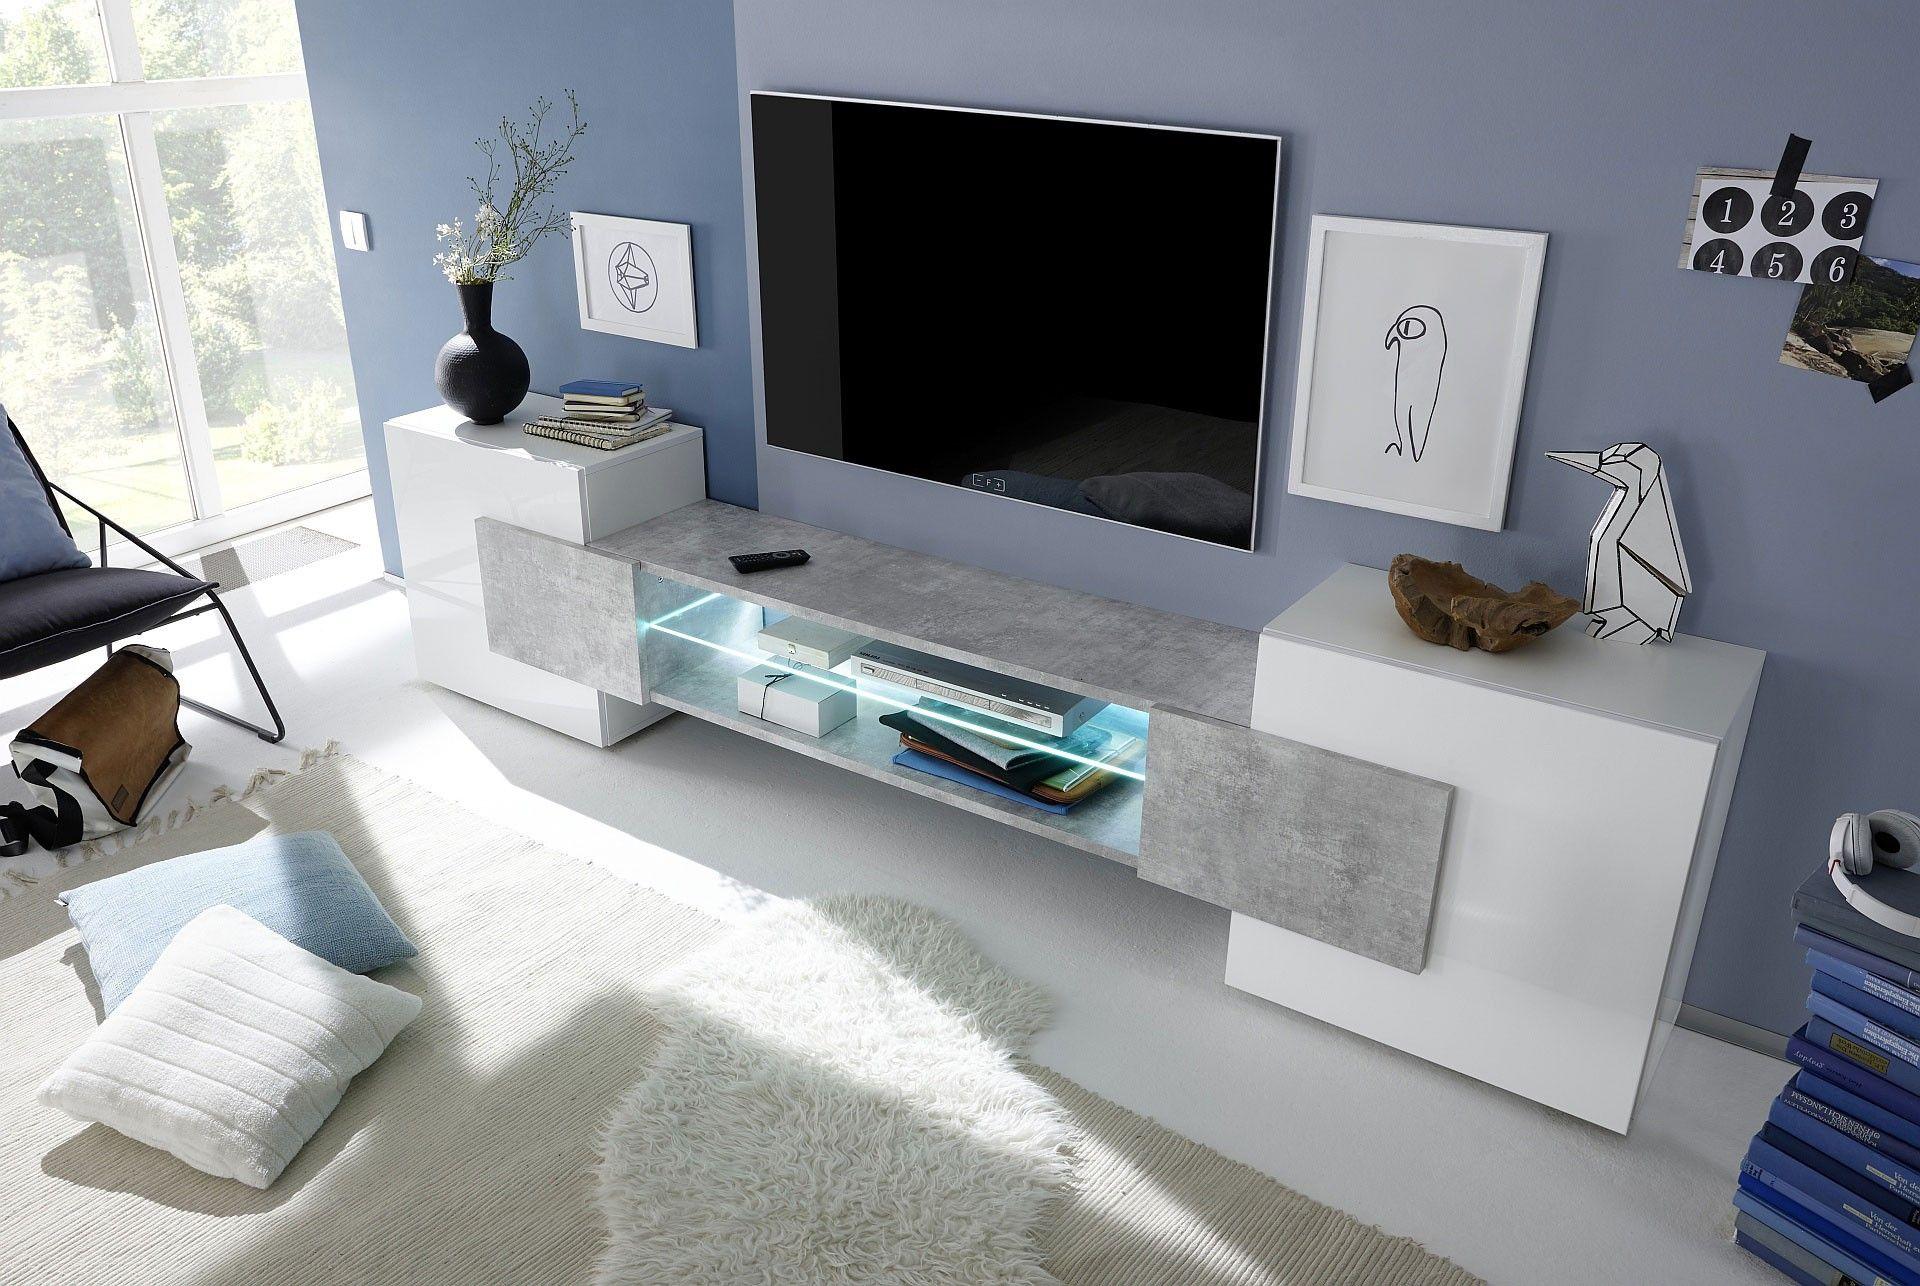 meuble tv design blanc et gris ides de dcoration intrieure french decor - Meuble Tv Design